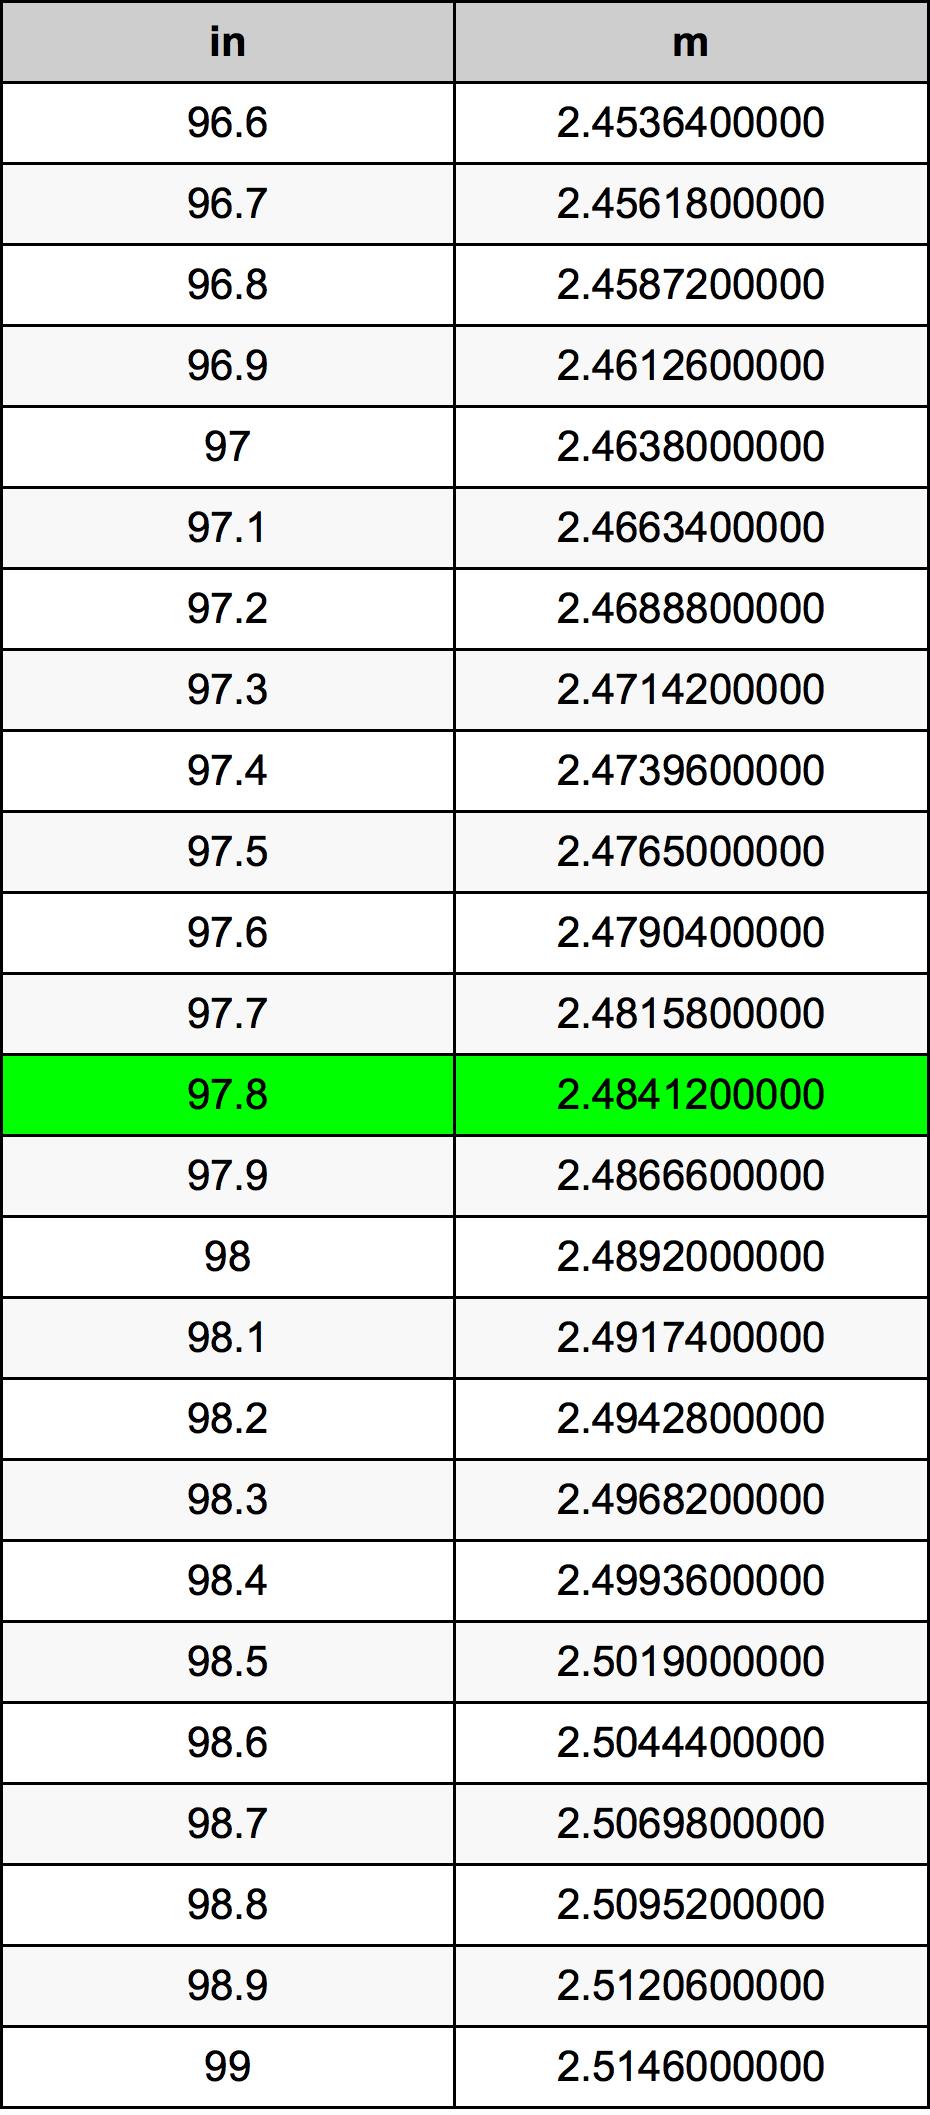 97.8 Zoll Umrechnungstabelle